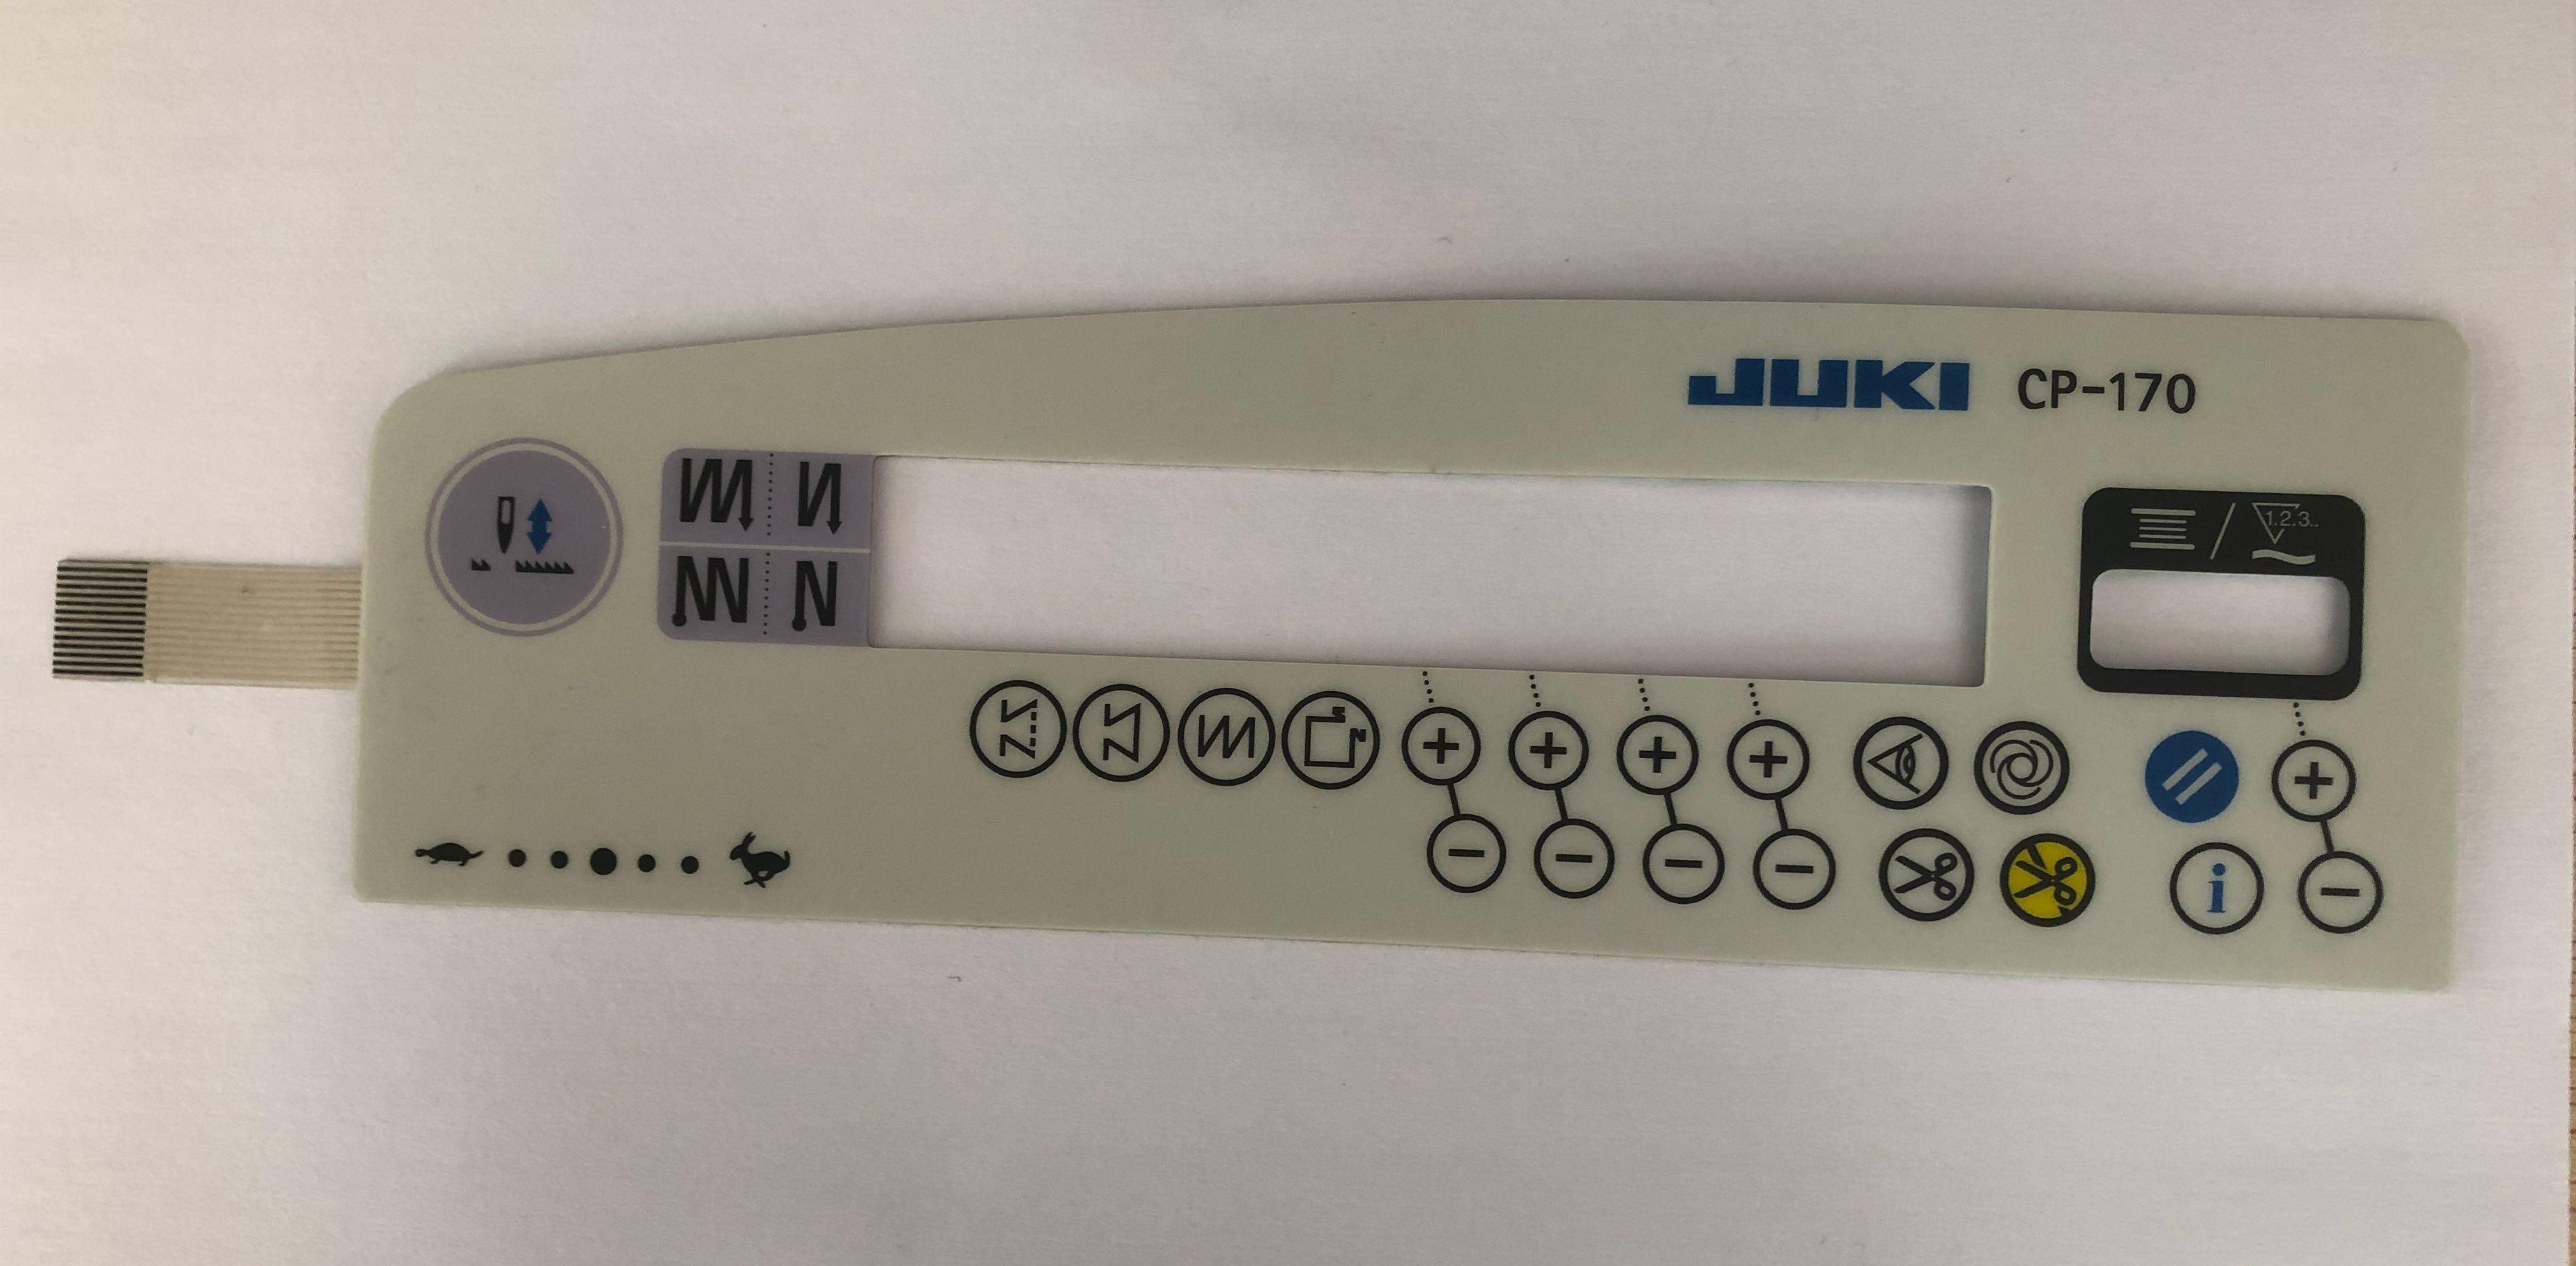 Промышленные детали швейной машины juki 8700 9000 Авто CP-170 управления блок управления панель бумажный стикер мембранный переключатель